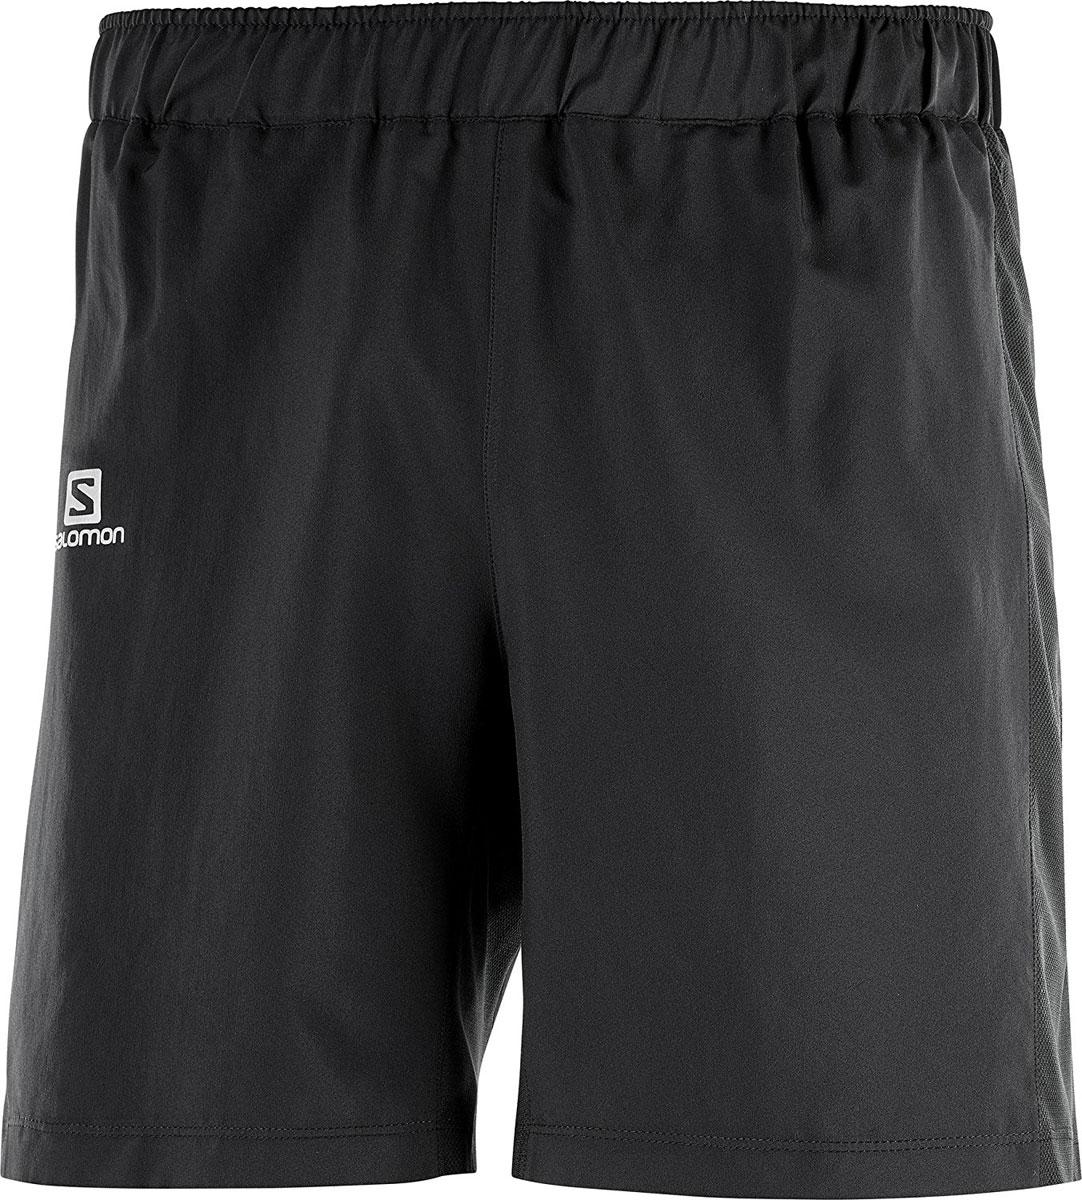 Шорты мужские Salomon Agile 7 Short M, цвет: черный. L40118300. Размер XL (52)L40118300